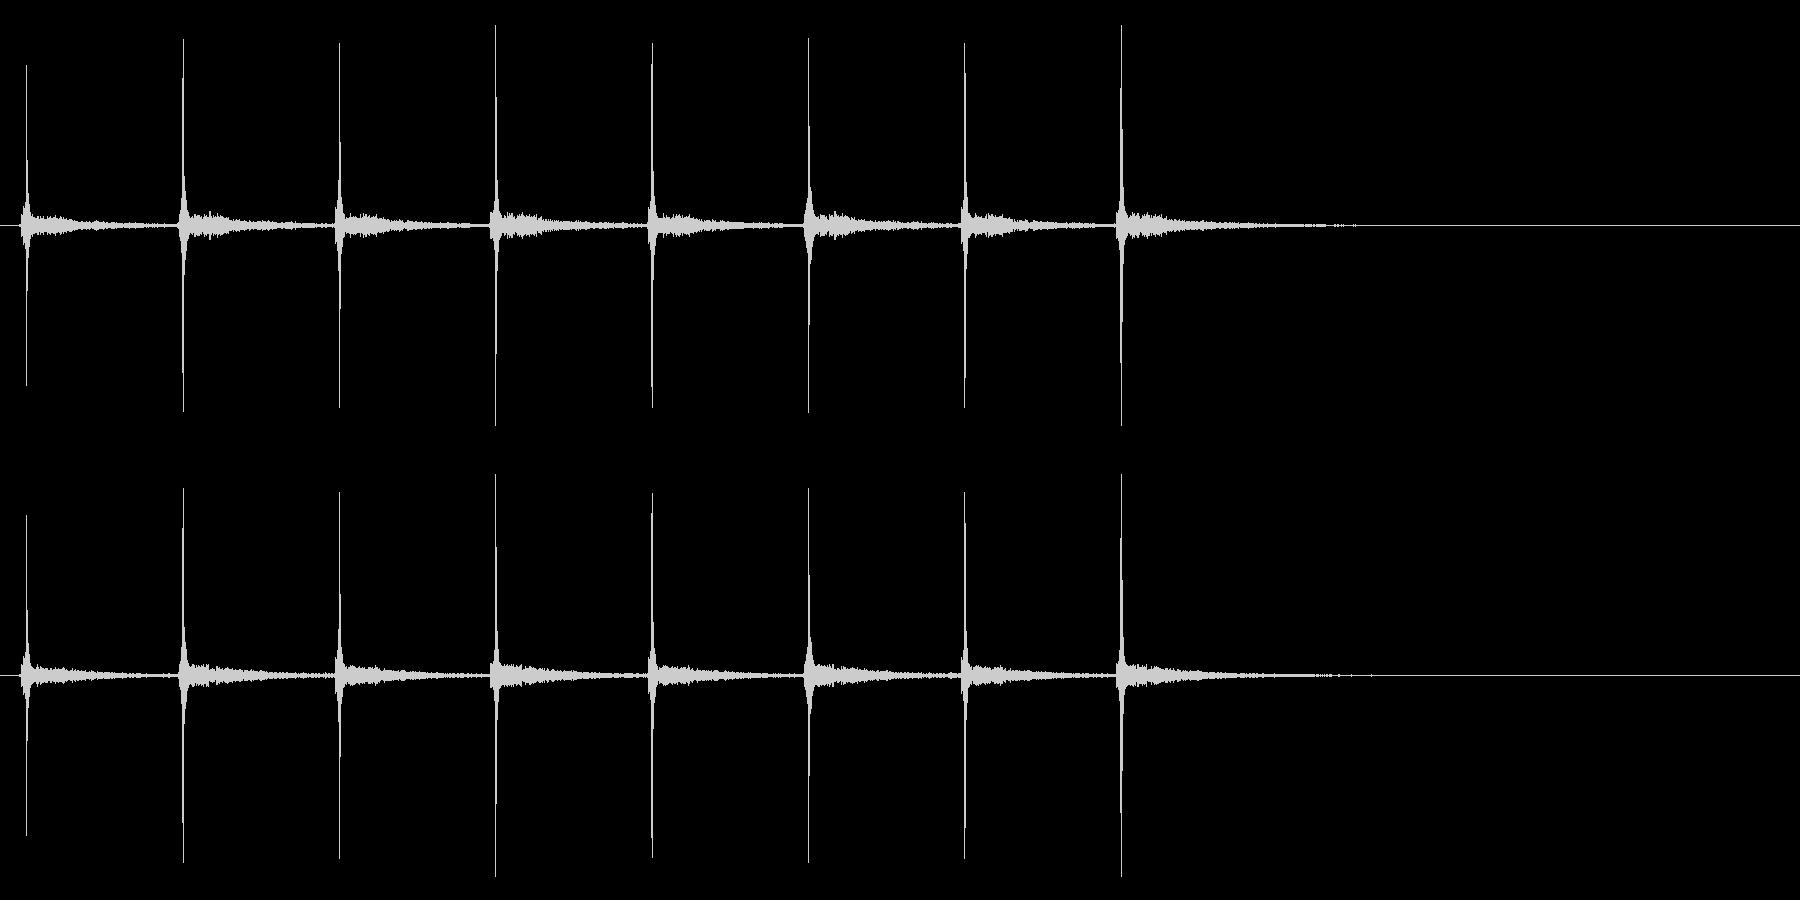 時計 秒針02-8(リバーブ 2)の未再生の波形